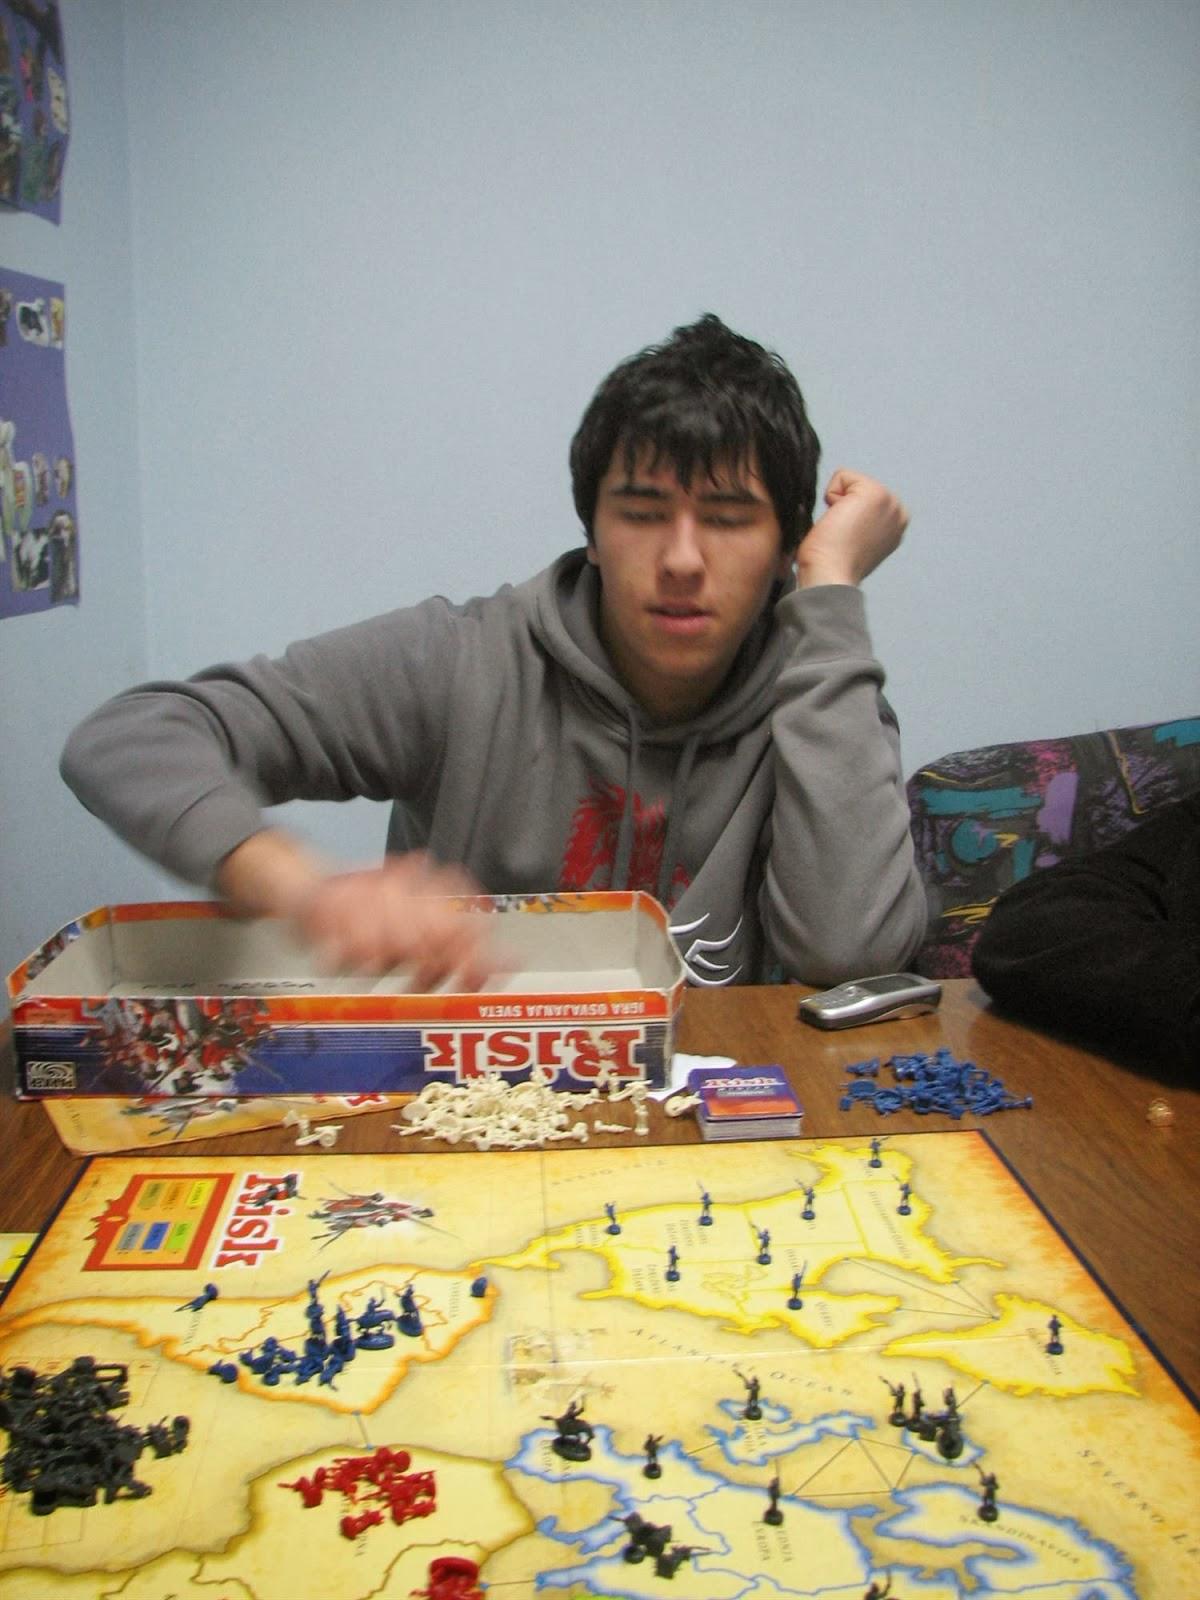 Večer družabnih iger, Ilirska Bistrica 2006 - vecer%2Bdruzabnih%2Biger%2B06%2B034.jpg